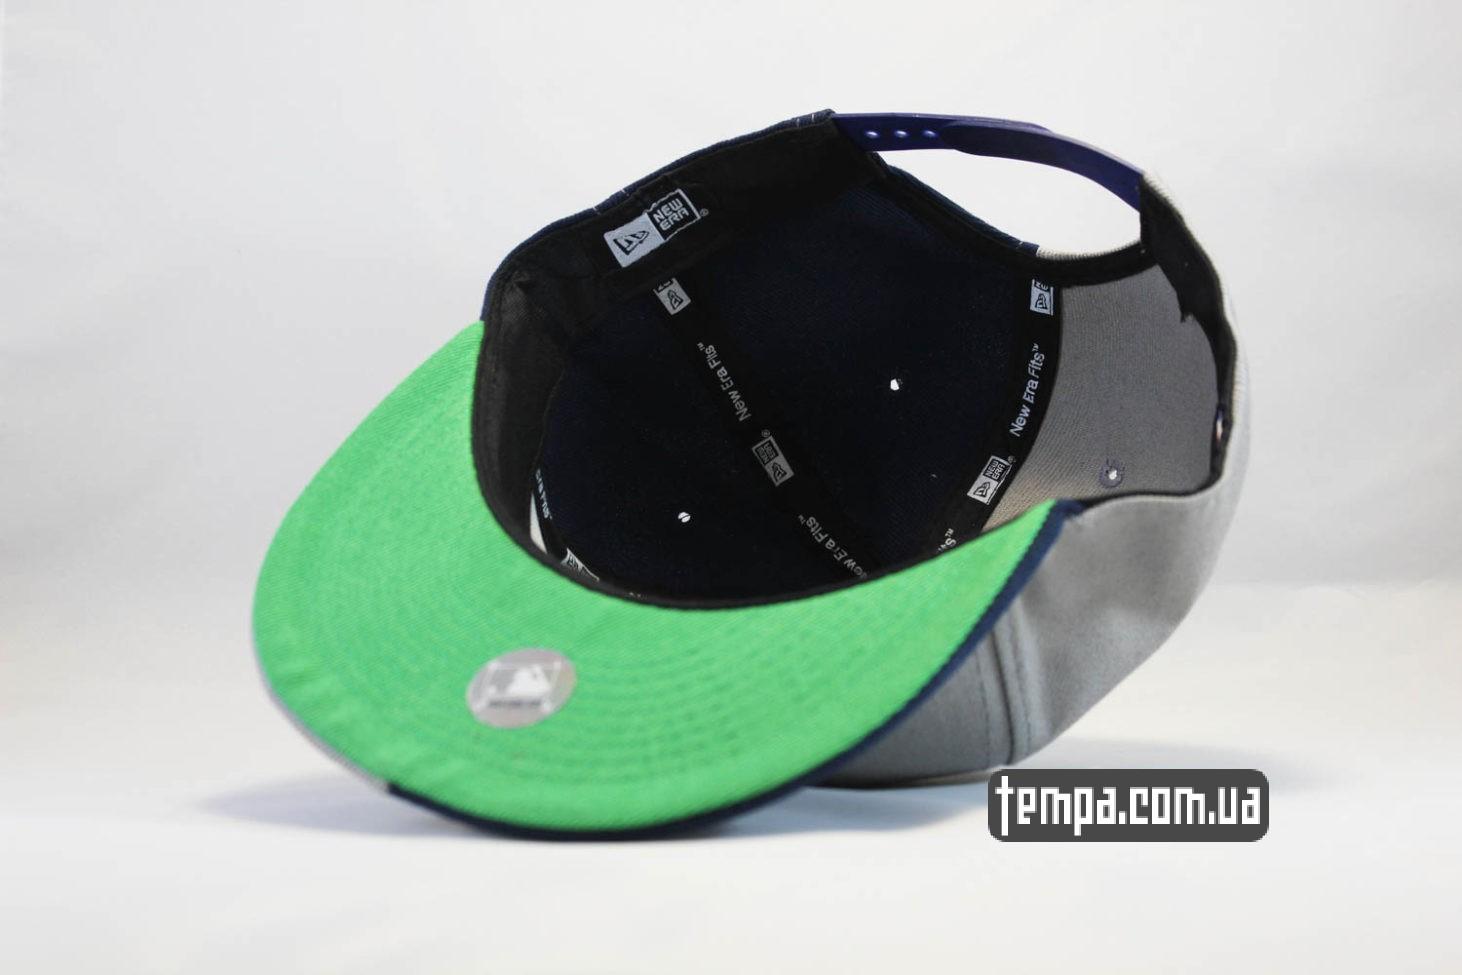 купить киев кепка Snapback La Los Angeles Oldschool classic New Era бейсболка купить